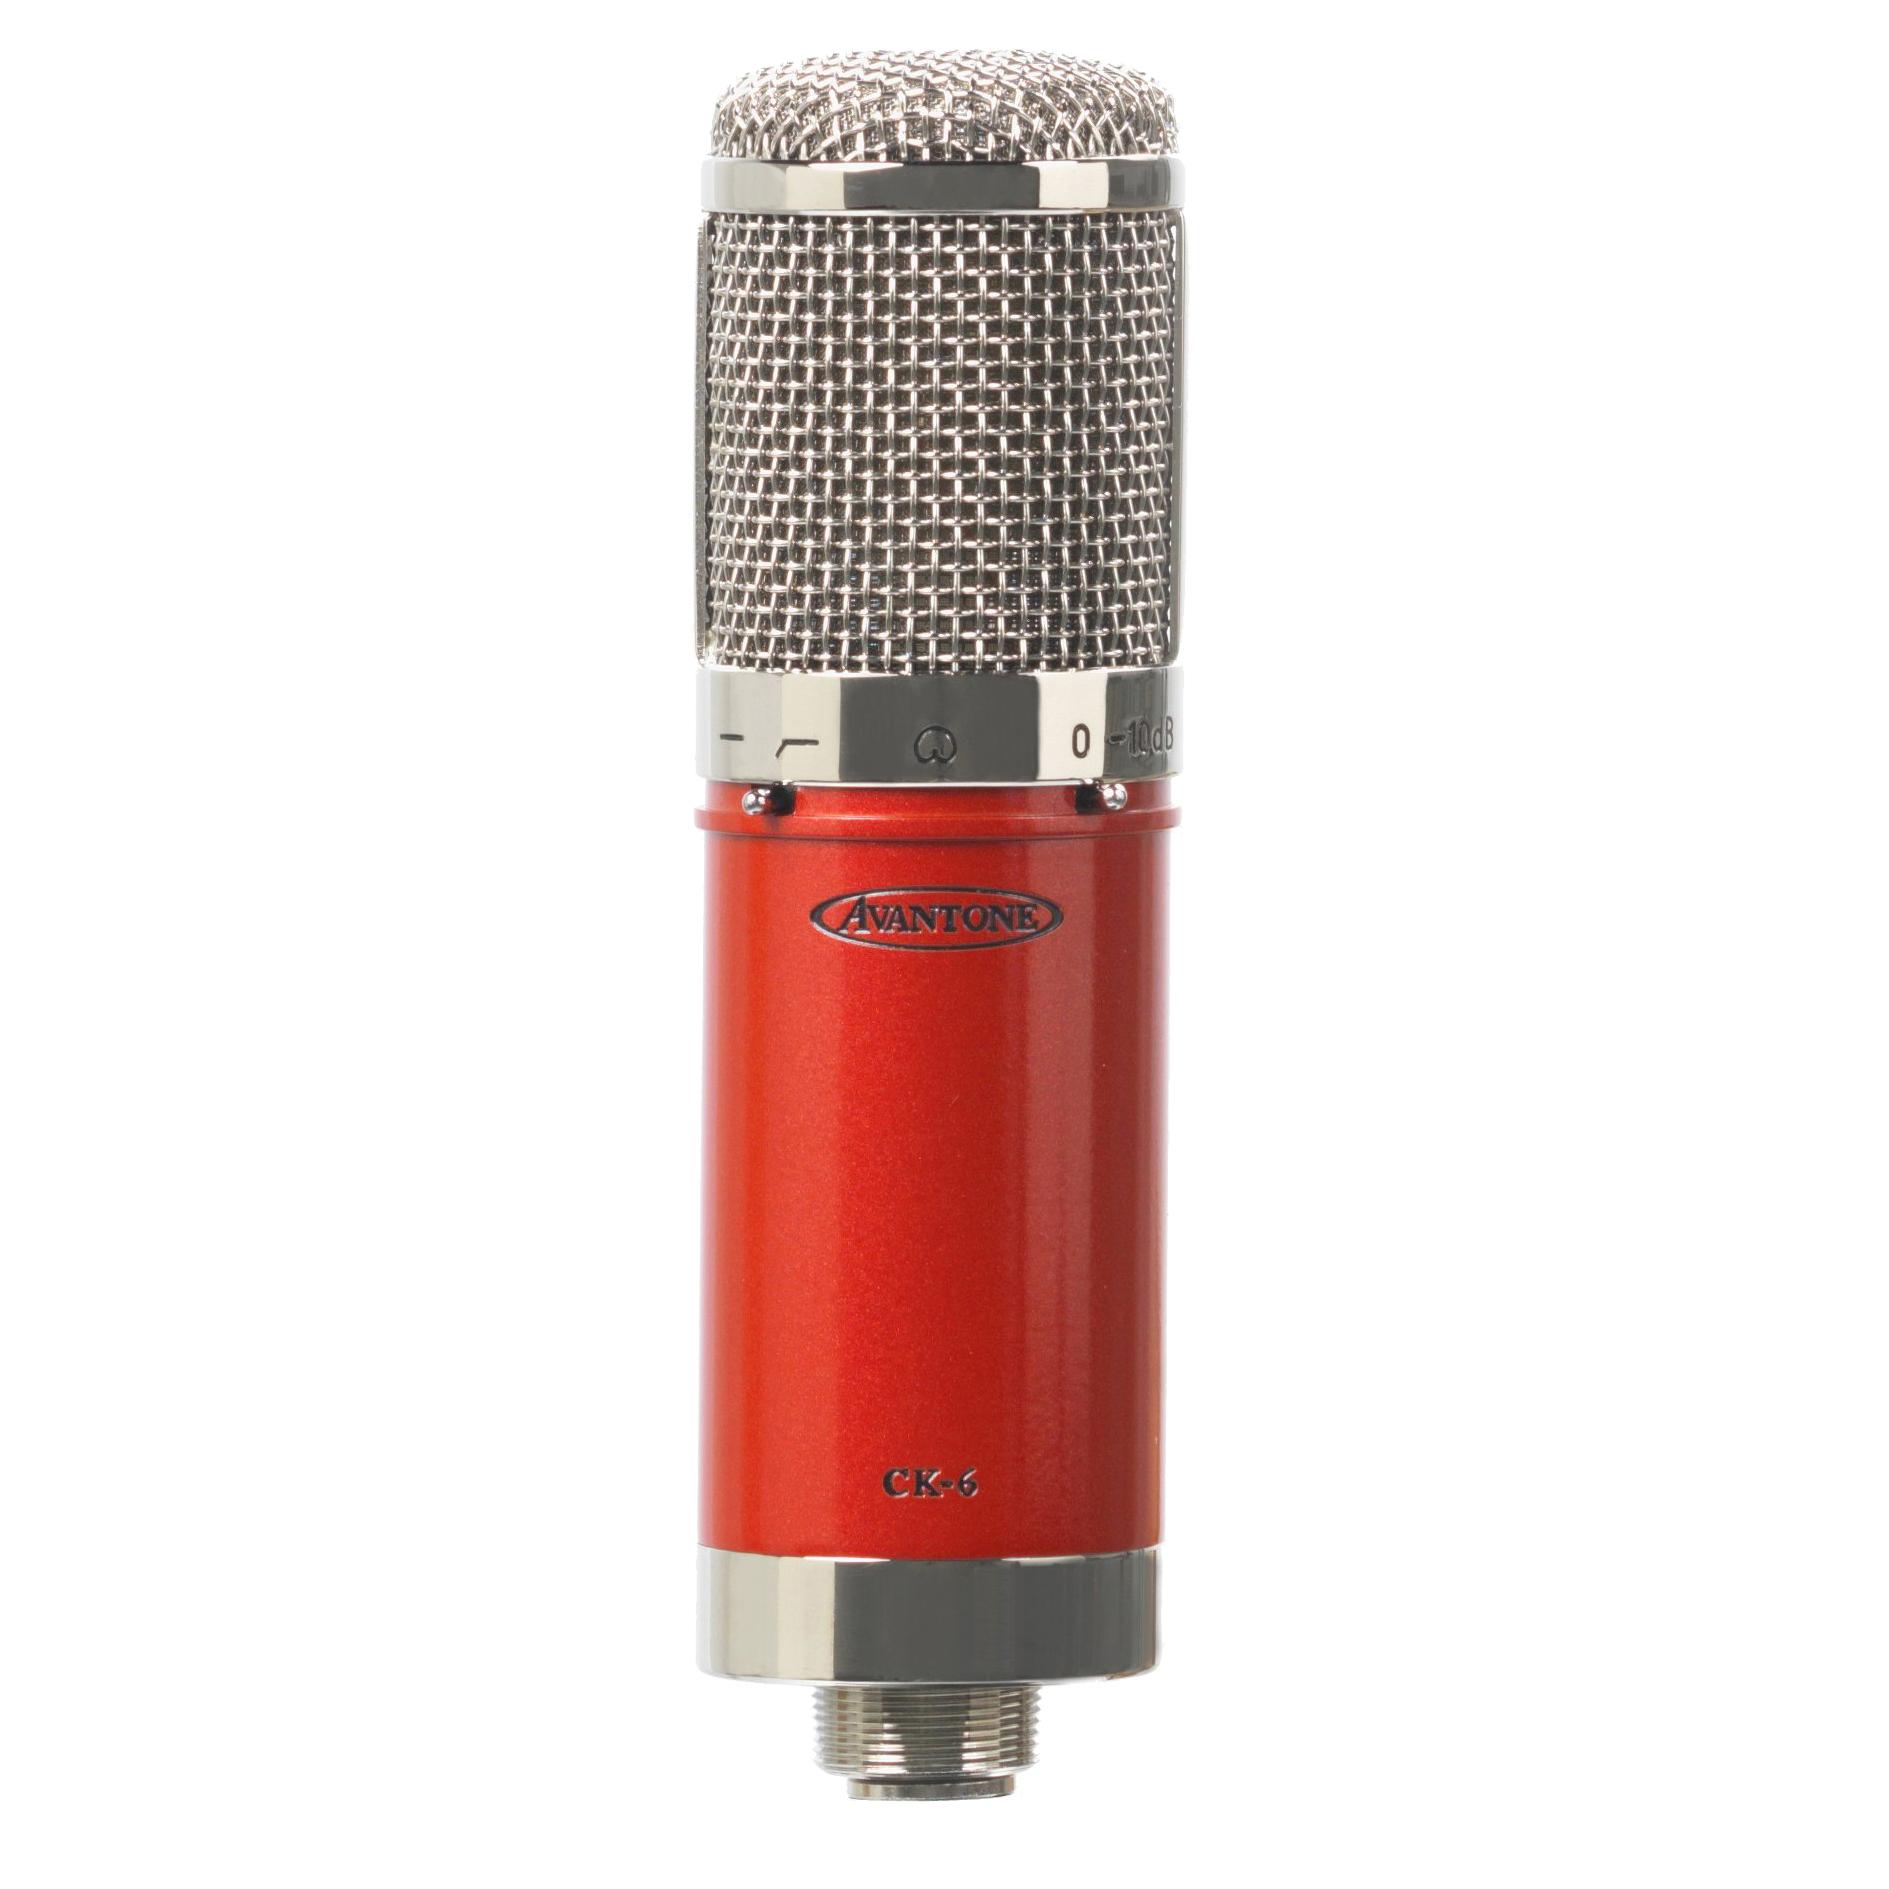 Avantone CK-6 kondensatormikrofon